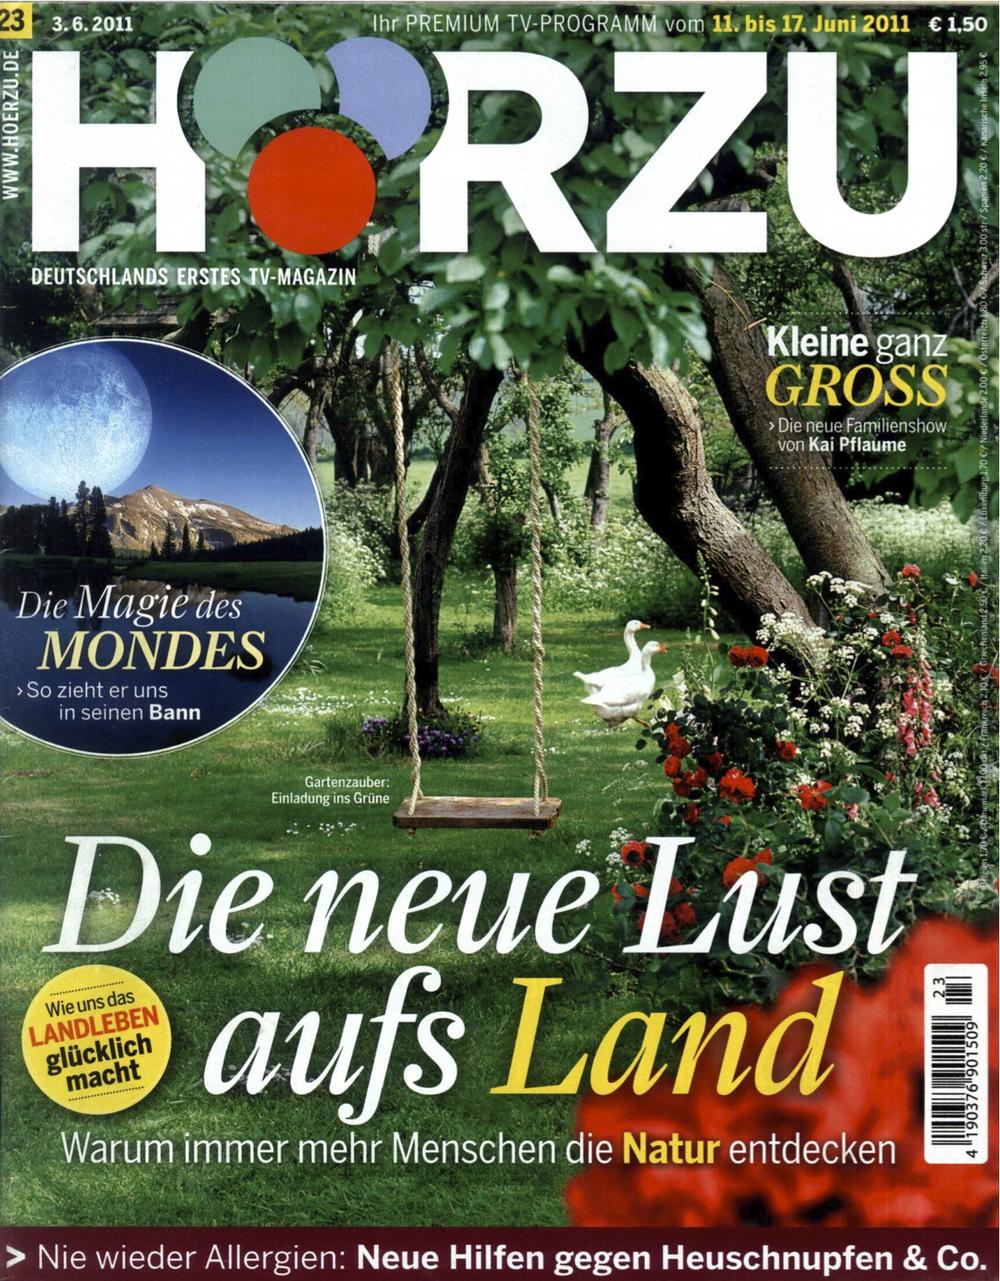 HZ_3.6.2011_Cover.jpg